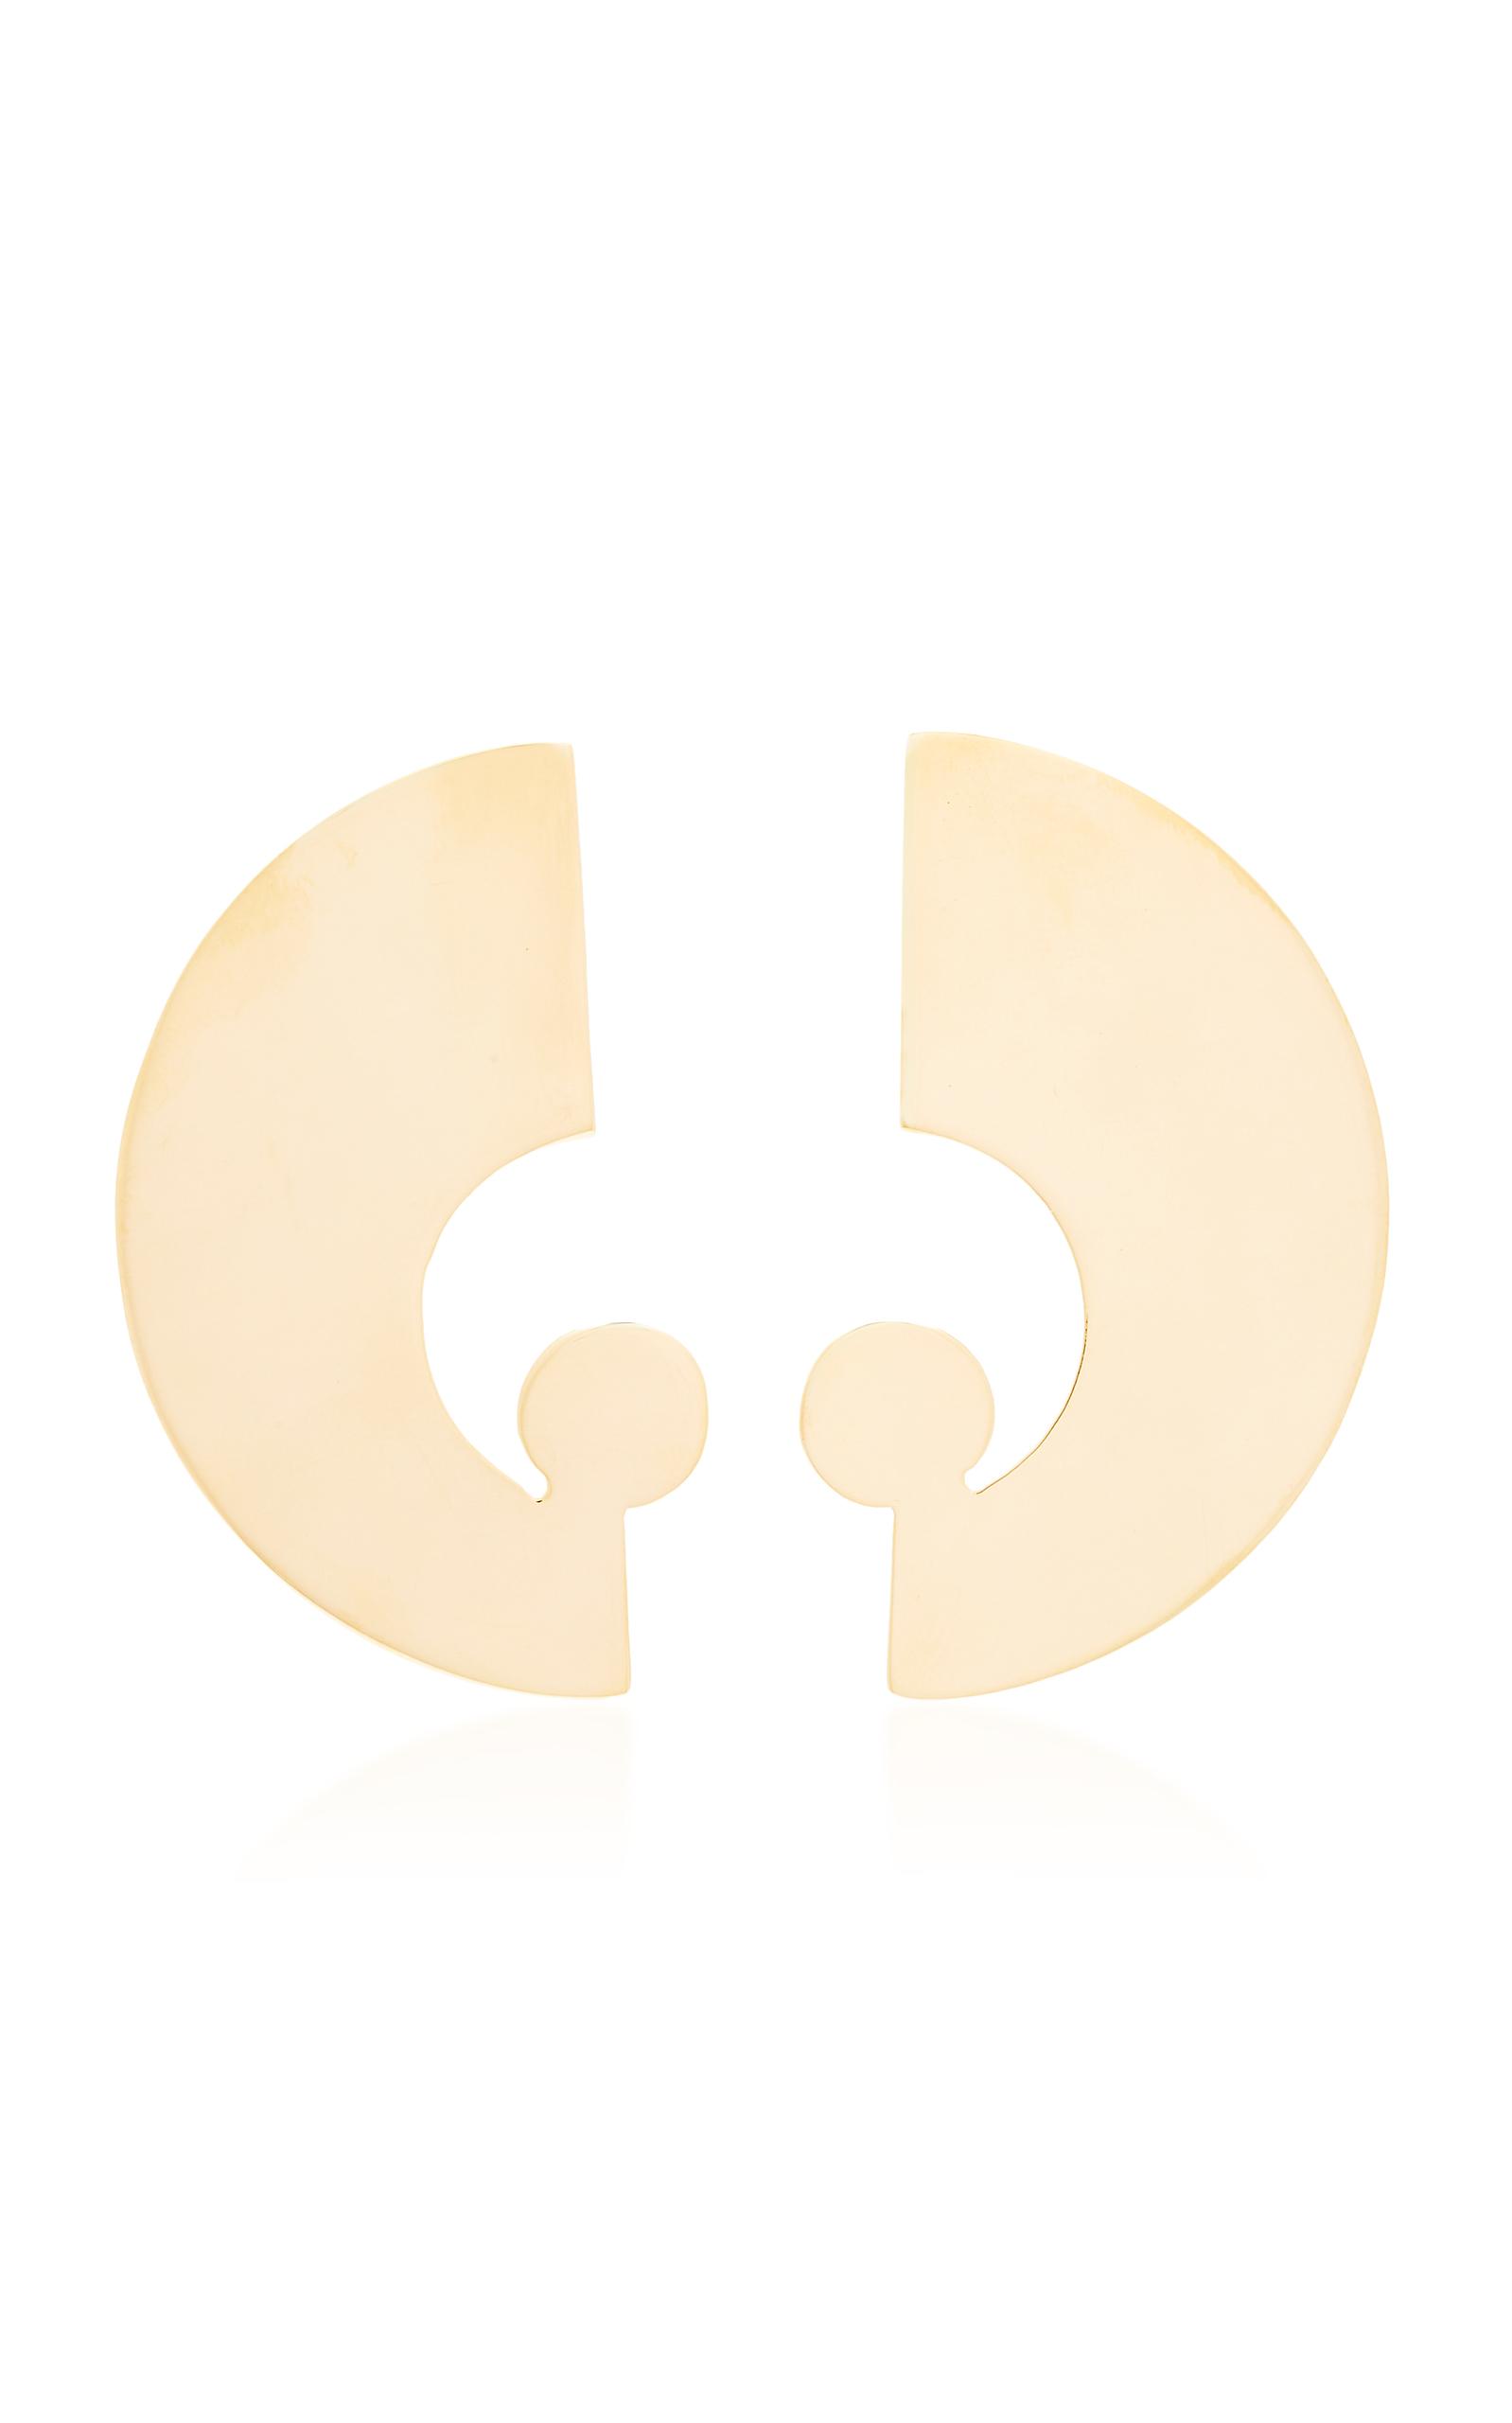 BIA DAIDONE ETTORE 24K GOLD-PLATED BRASS EARRINGS